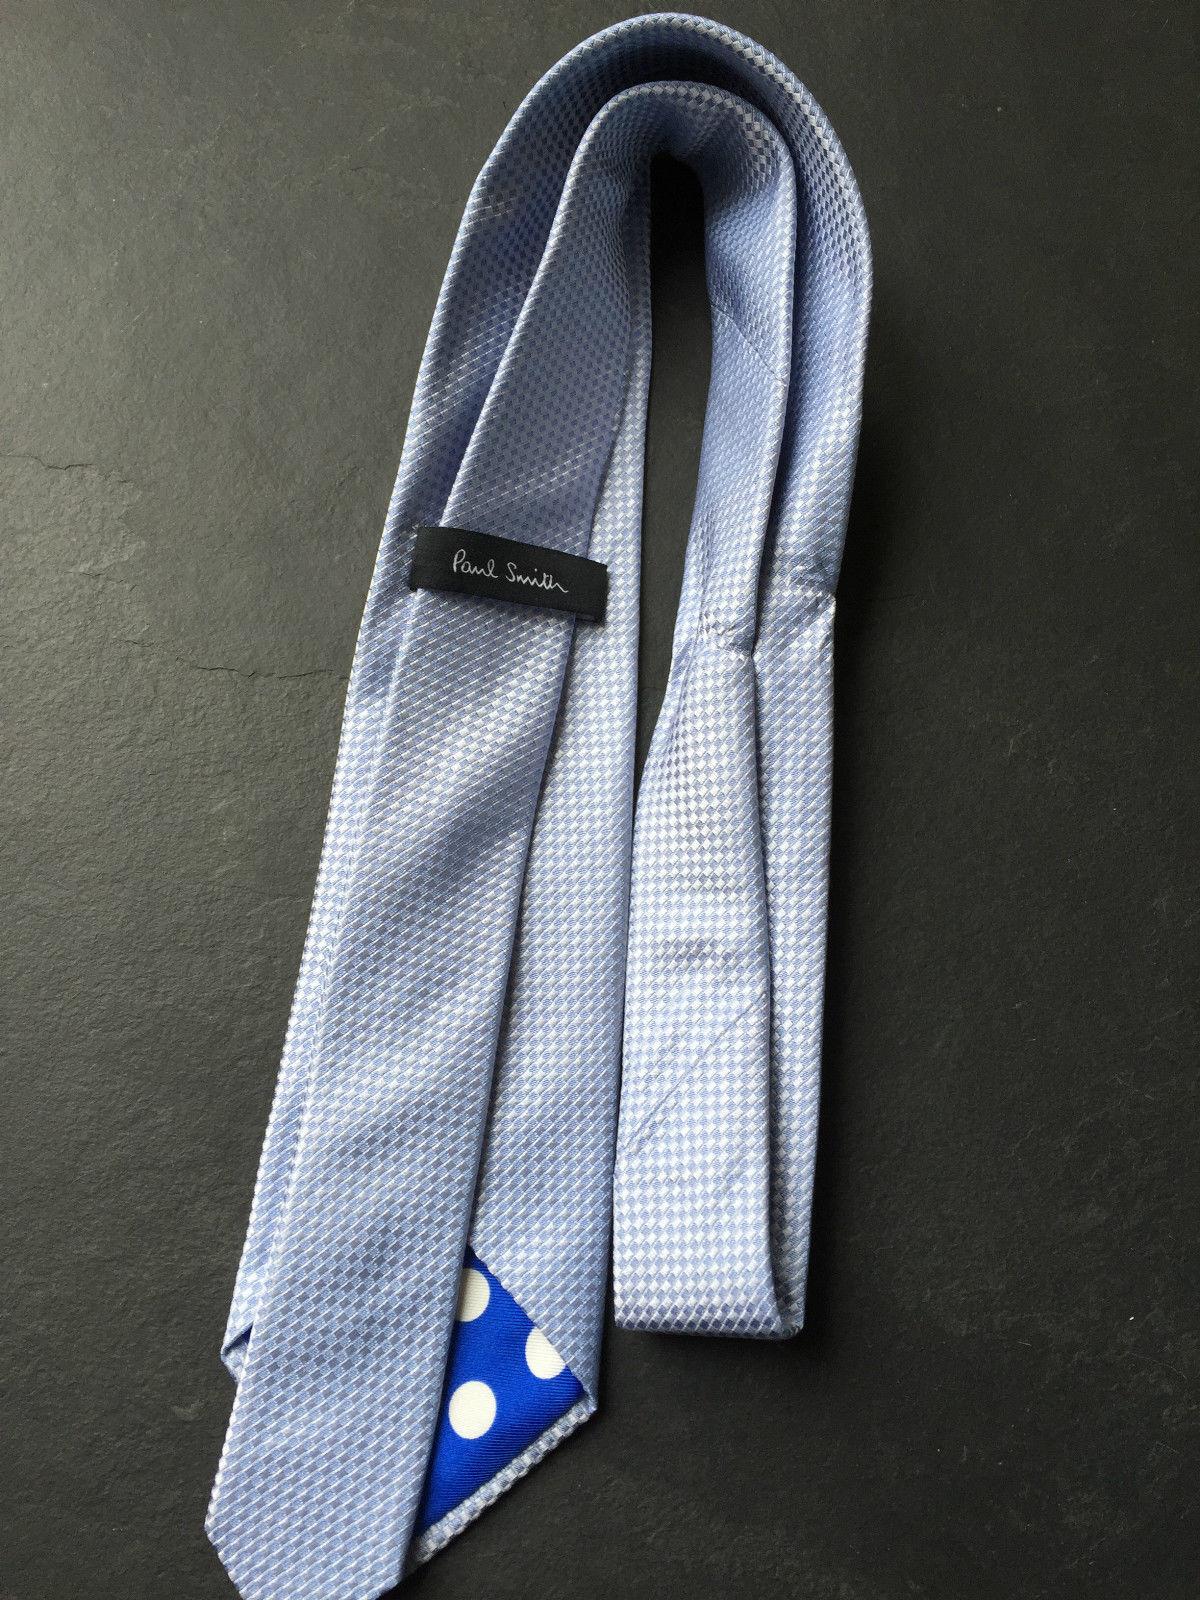 PAUL diaFemmet-Pois SMITH Cravate en soie-bleu motif de diaFemmet-Pois PAUL Doublure - 9 Cm Lame 1d8dc6